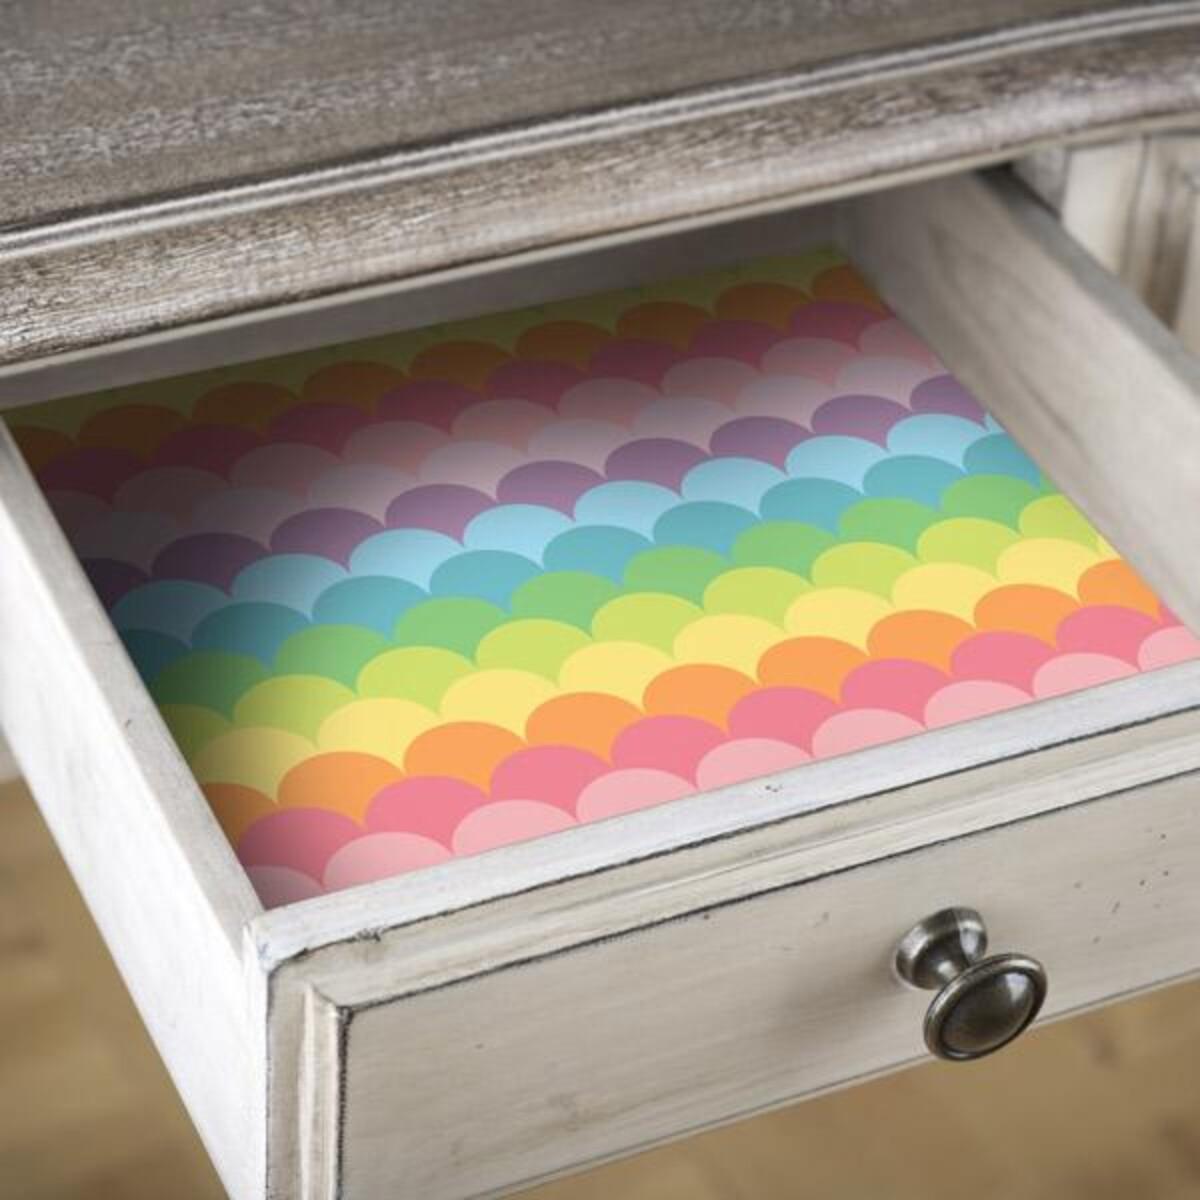 Rainbow kontaktplast